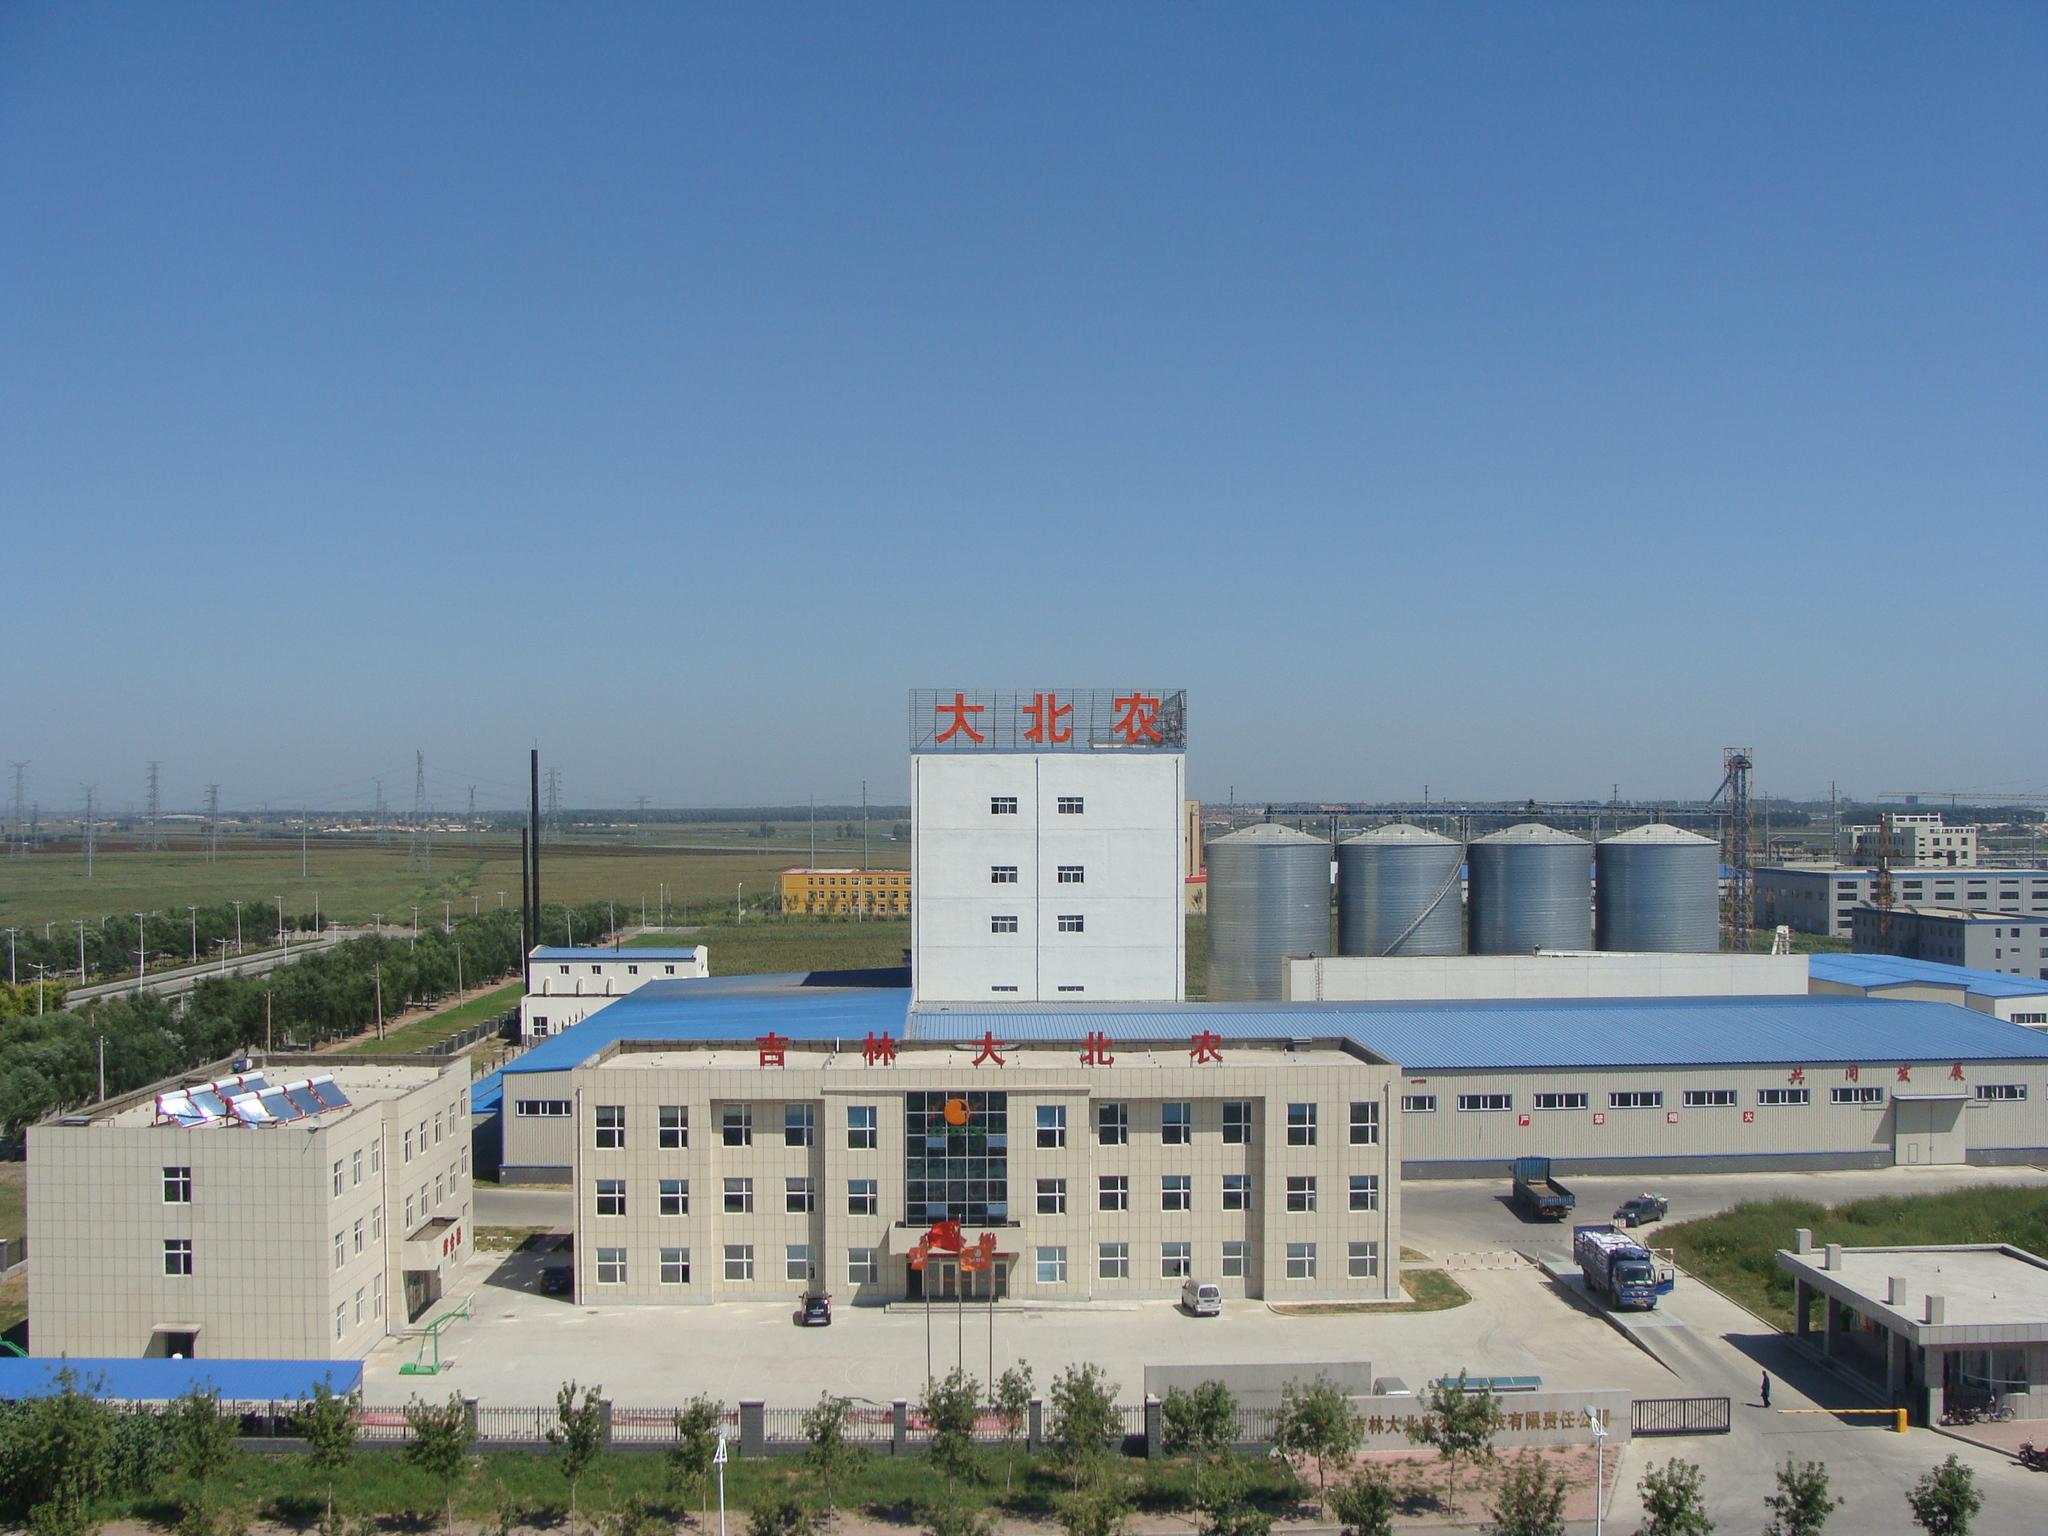 大北农:上半年销售生猪91.88万头,净利润同比降44%,河南牧原赚了100亿